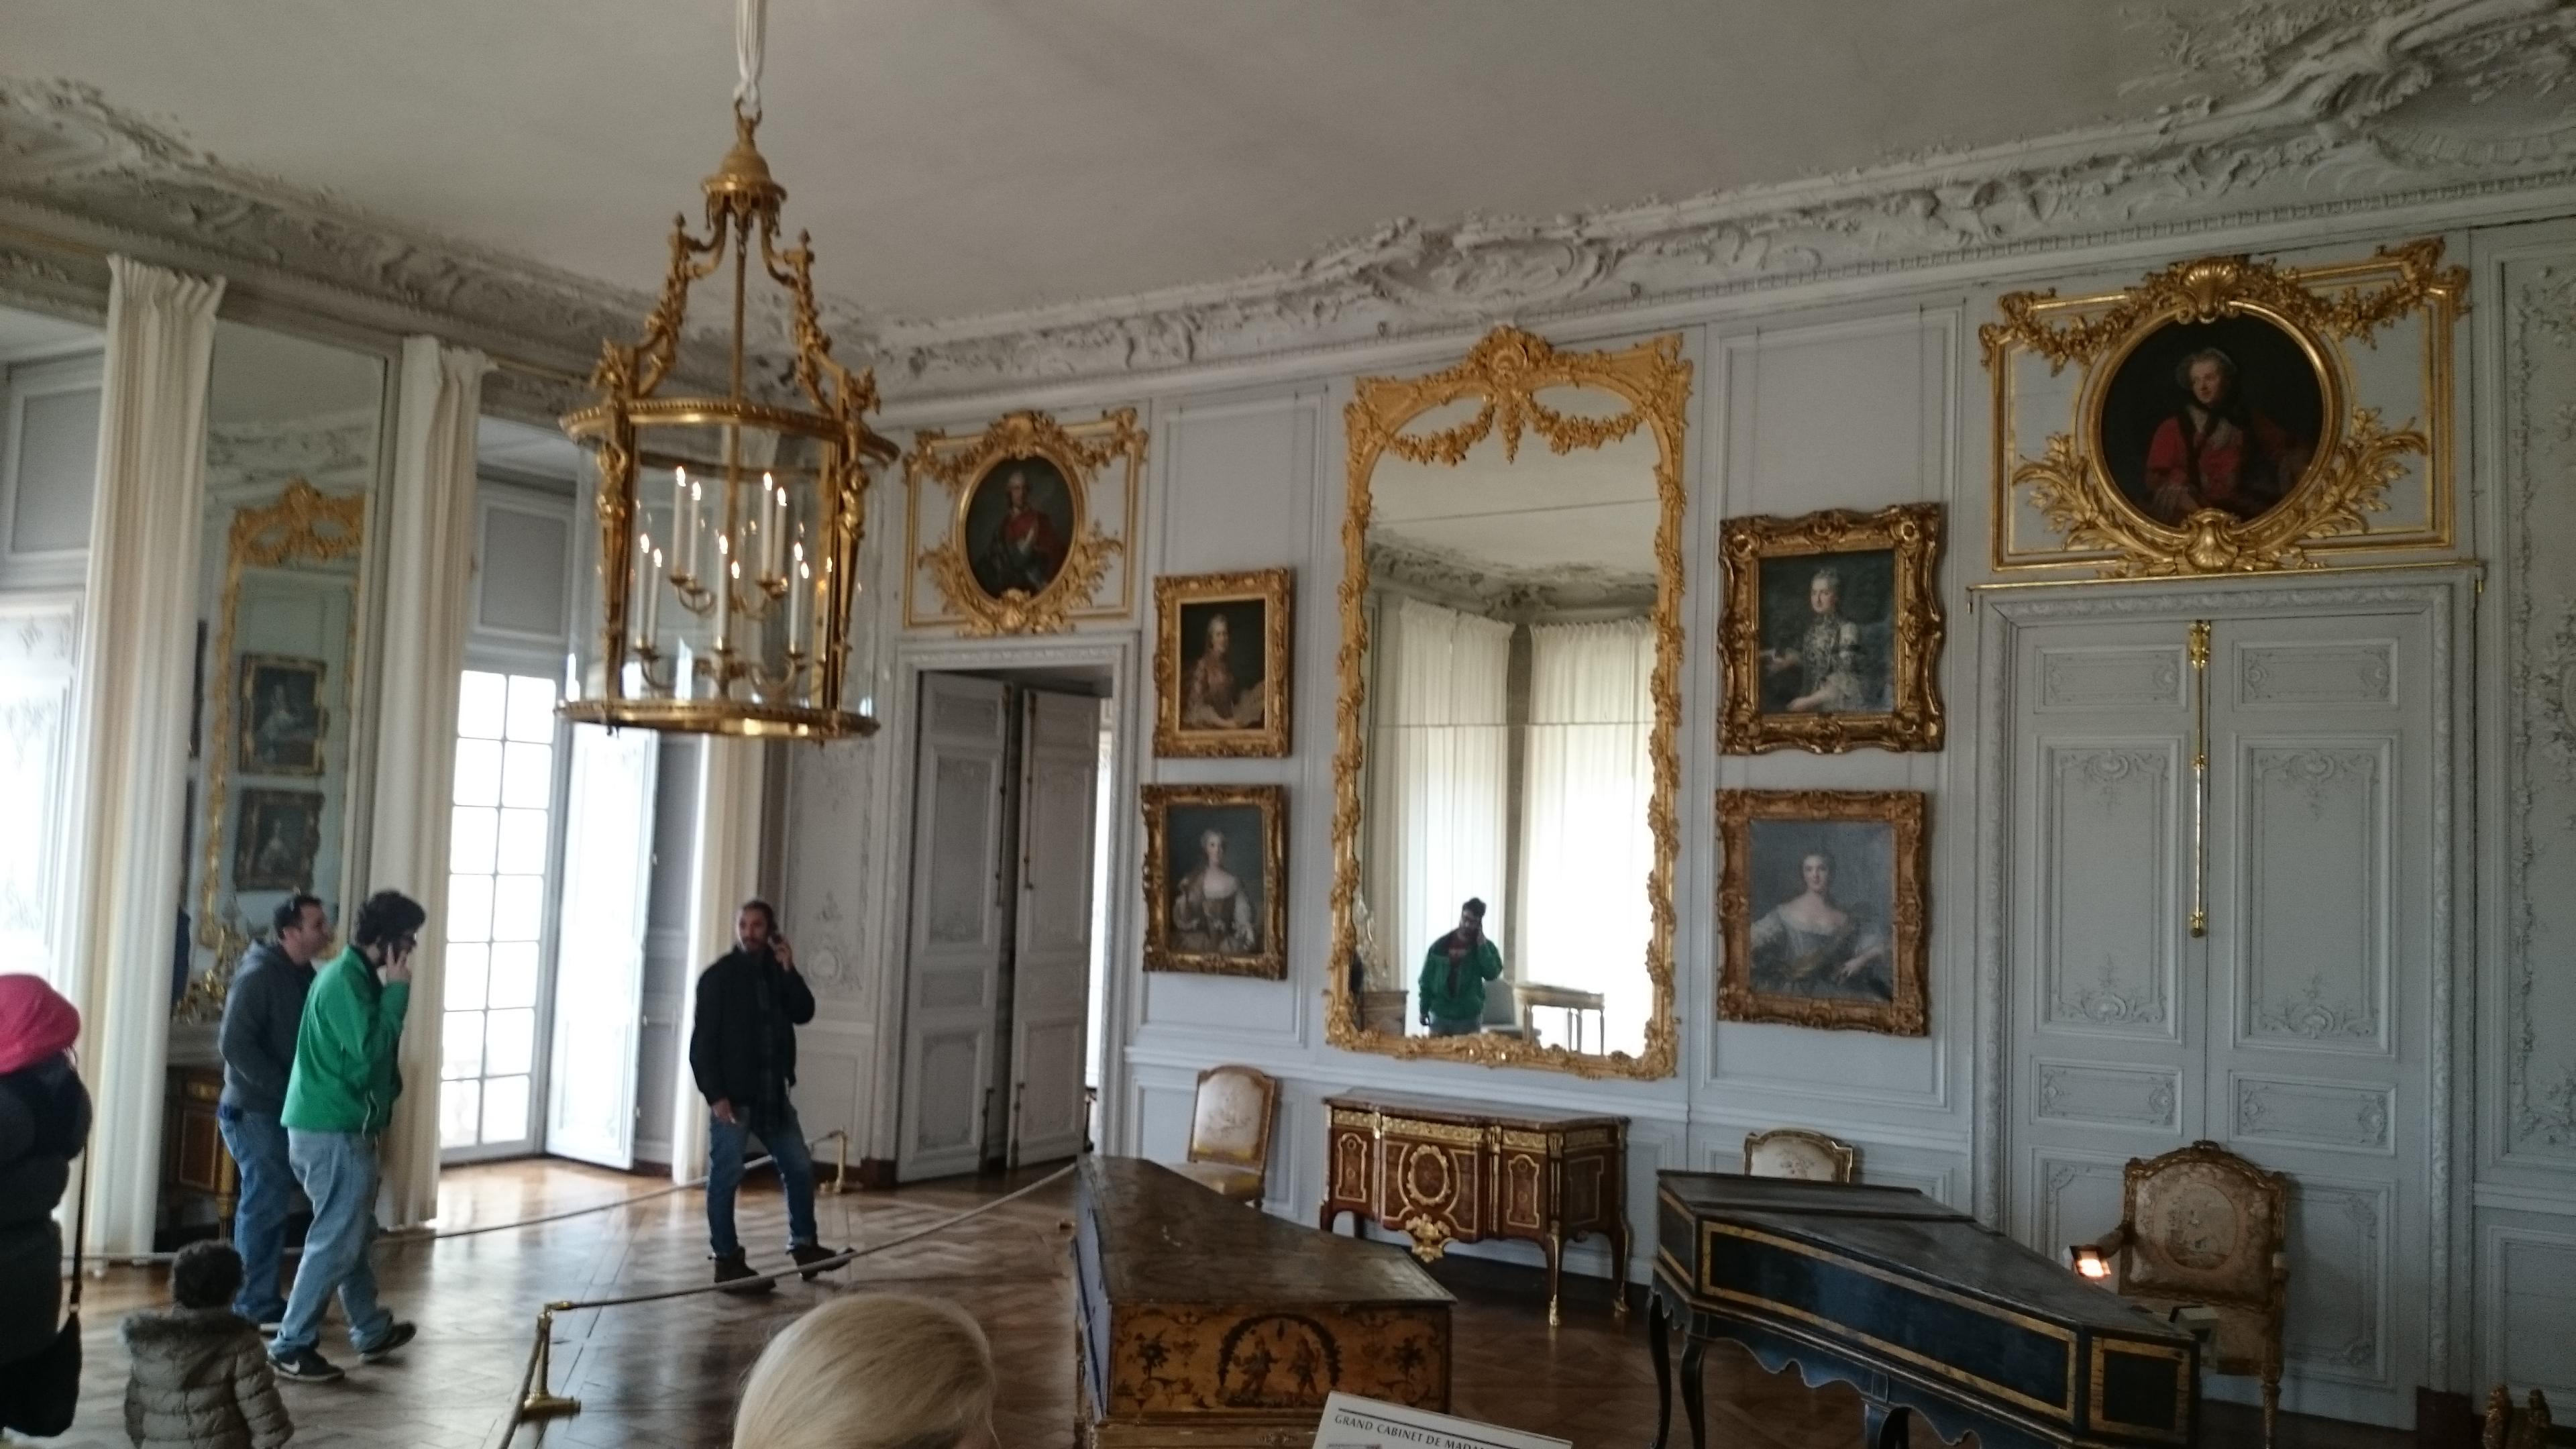 dsc 14161 - Visita al Palacio de Versalles: Como ir, cuanto cuesta y tips III/III